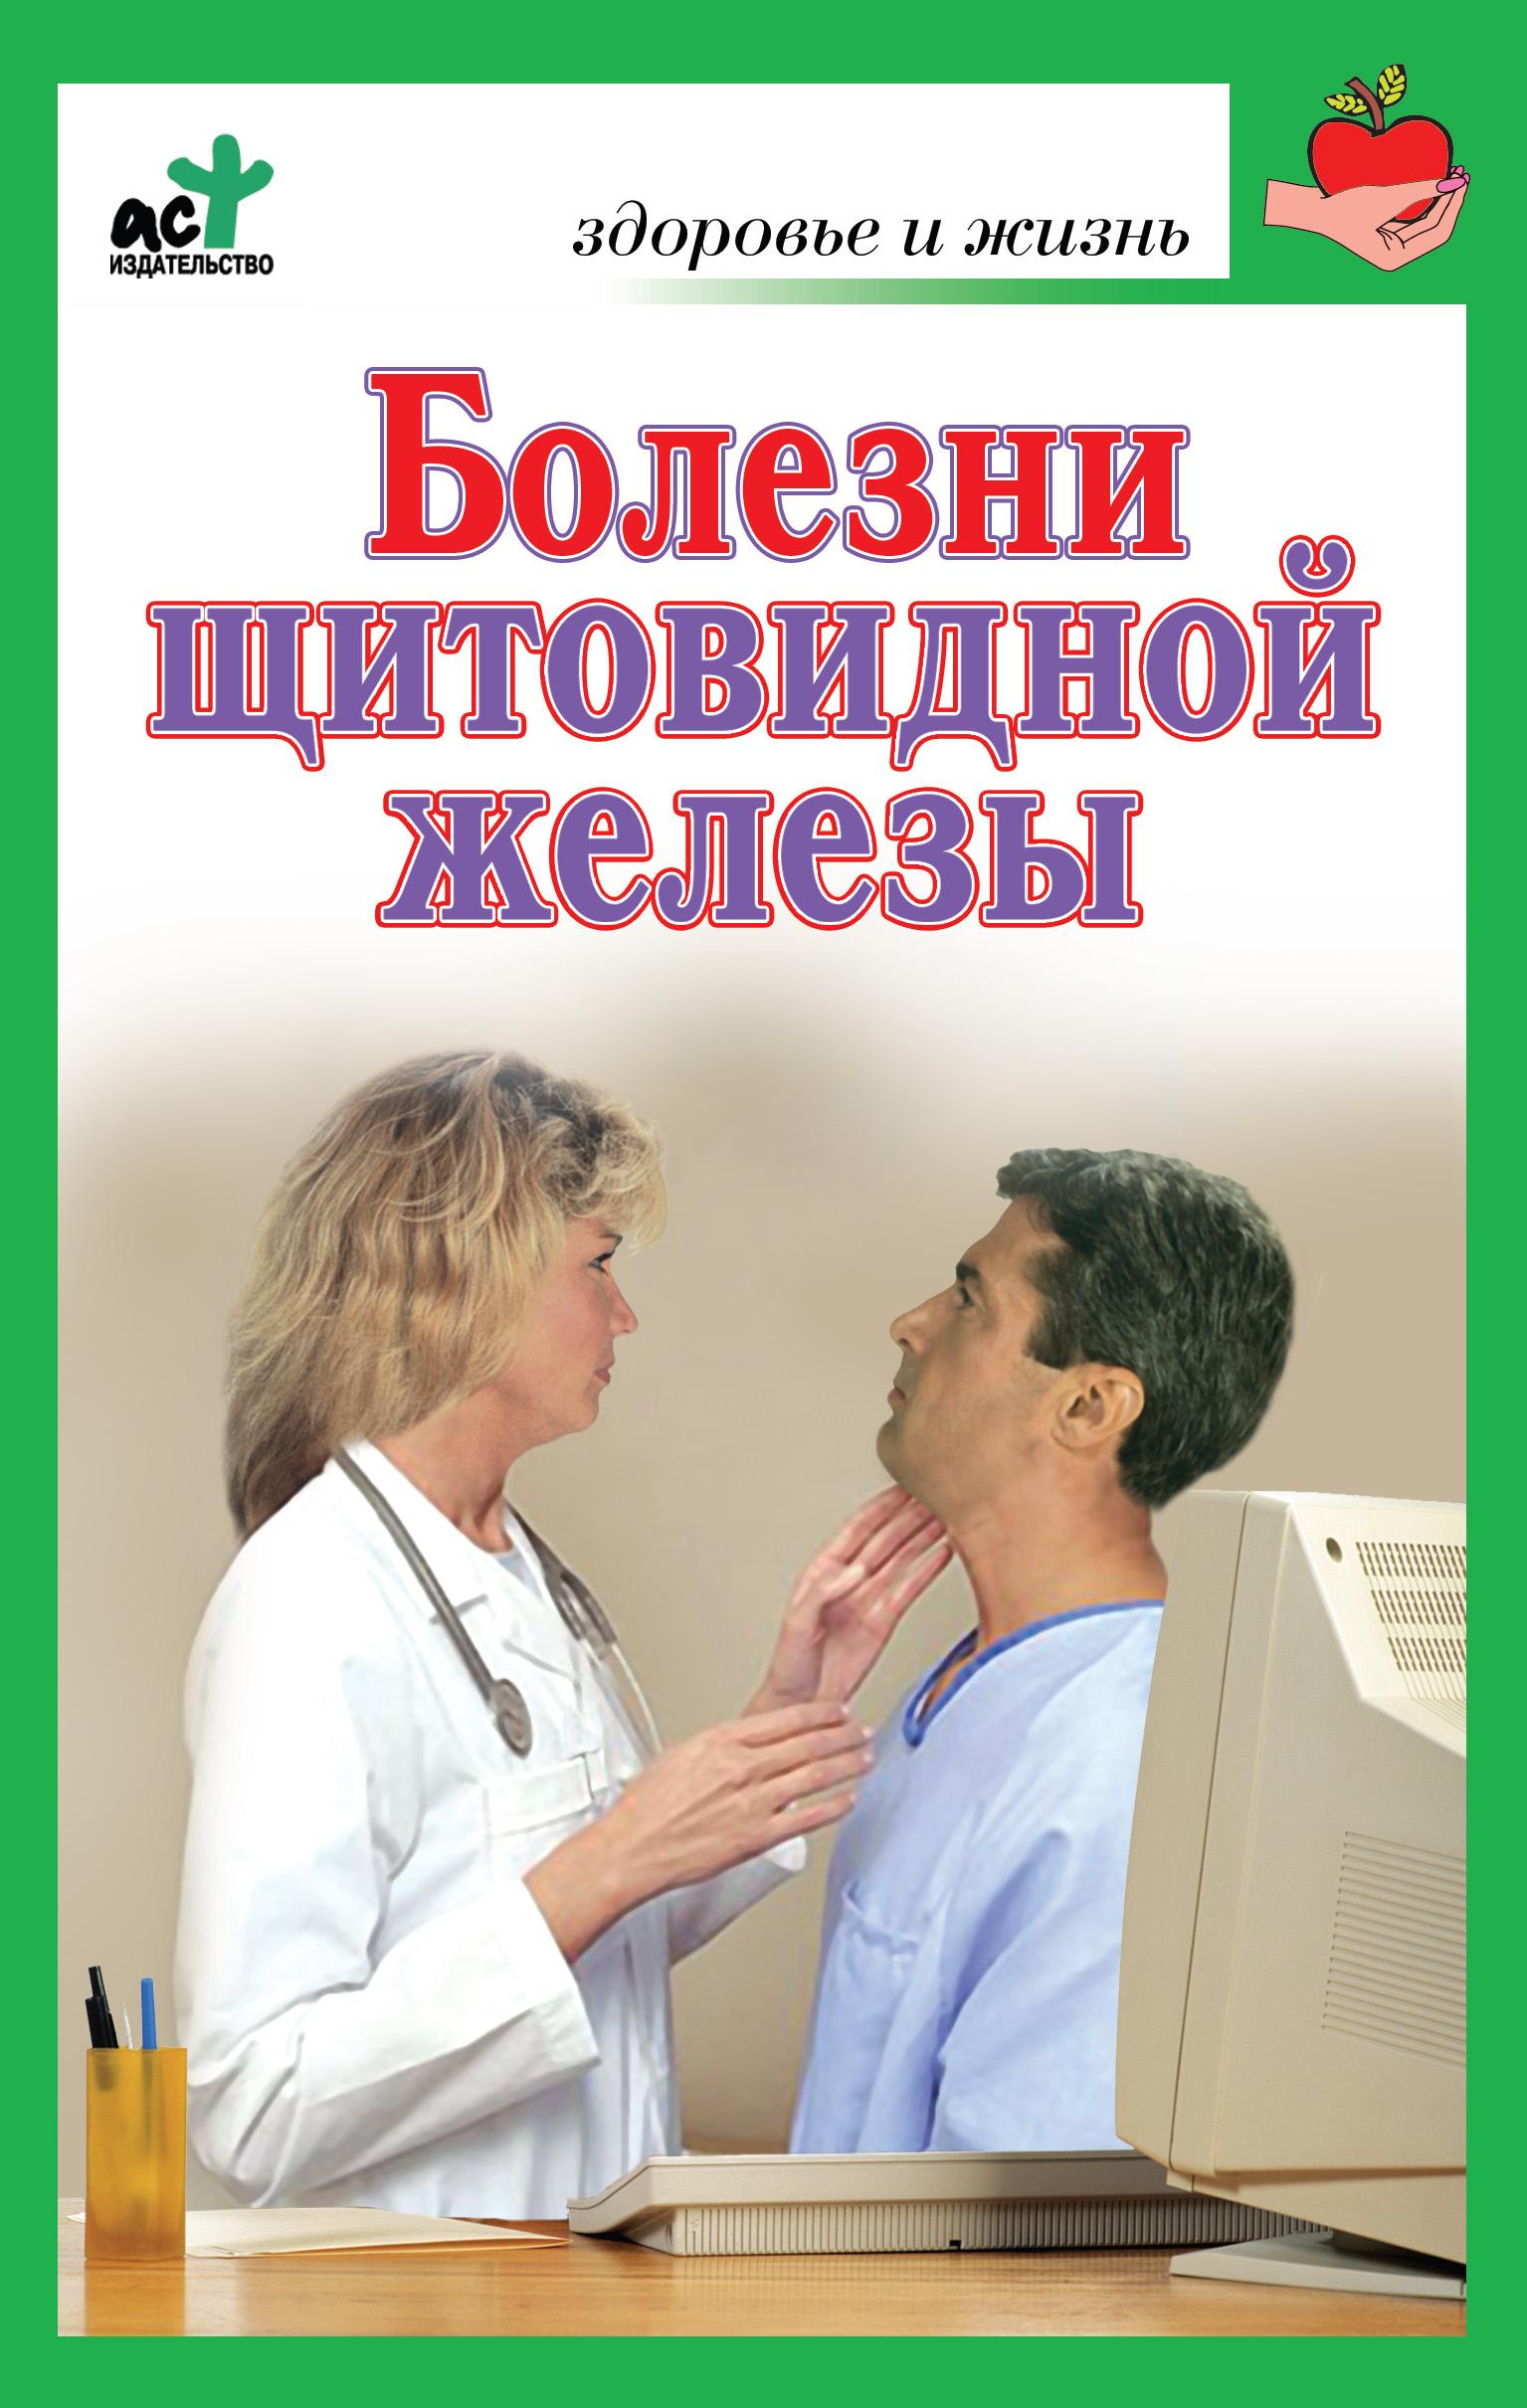 Отсутствует Болезни щитовидной железы. Лечение без ошибок афанасьев василий владимирович слюнные железы болезни и травмы